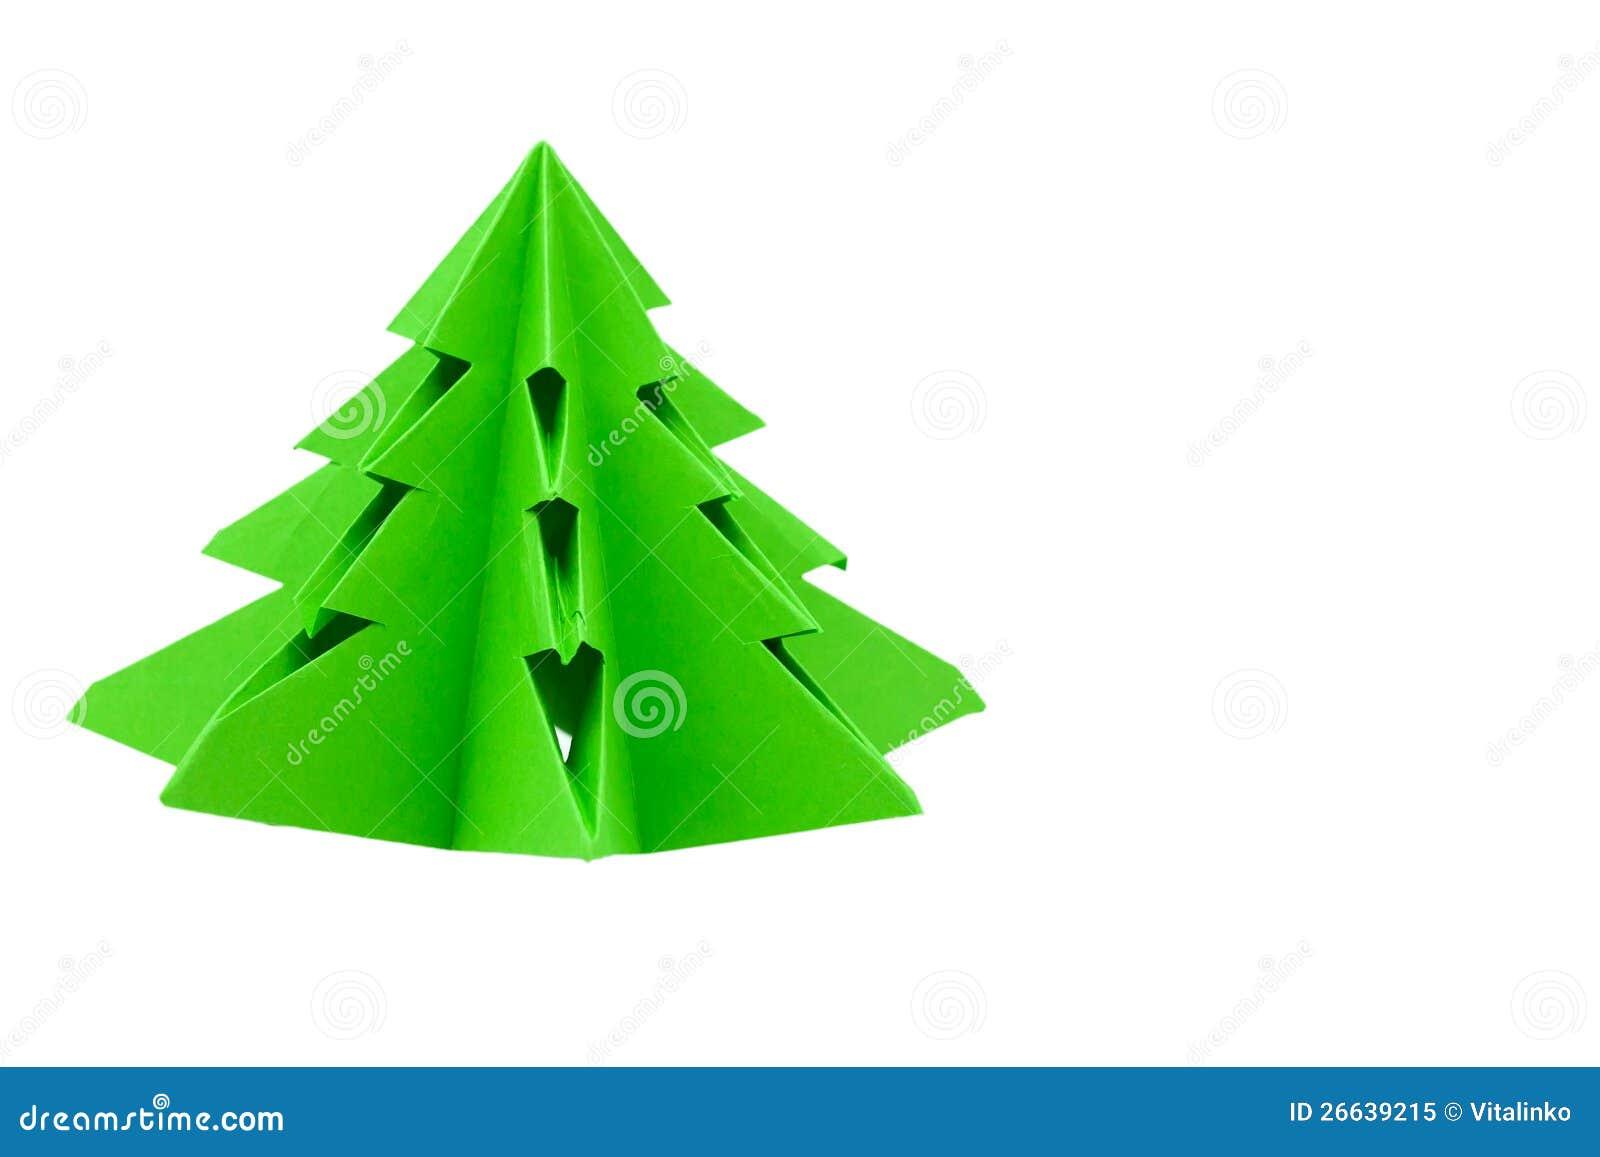 origami weihnachtsbaum stockbild bild von origami. Black Bedroom Furniture Sets. Home Design Ideas